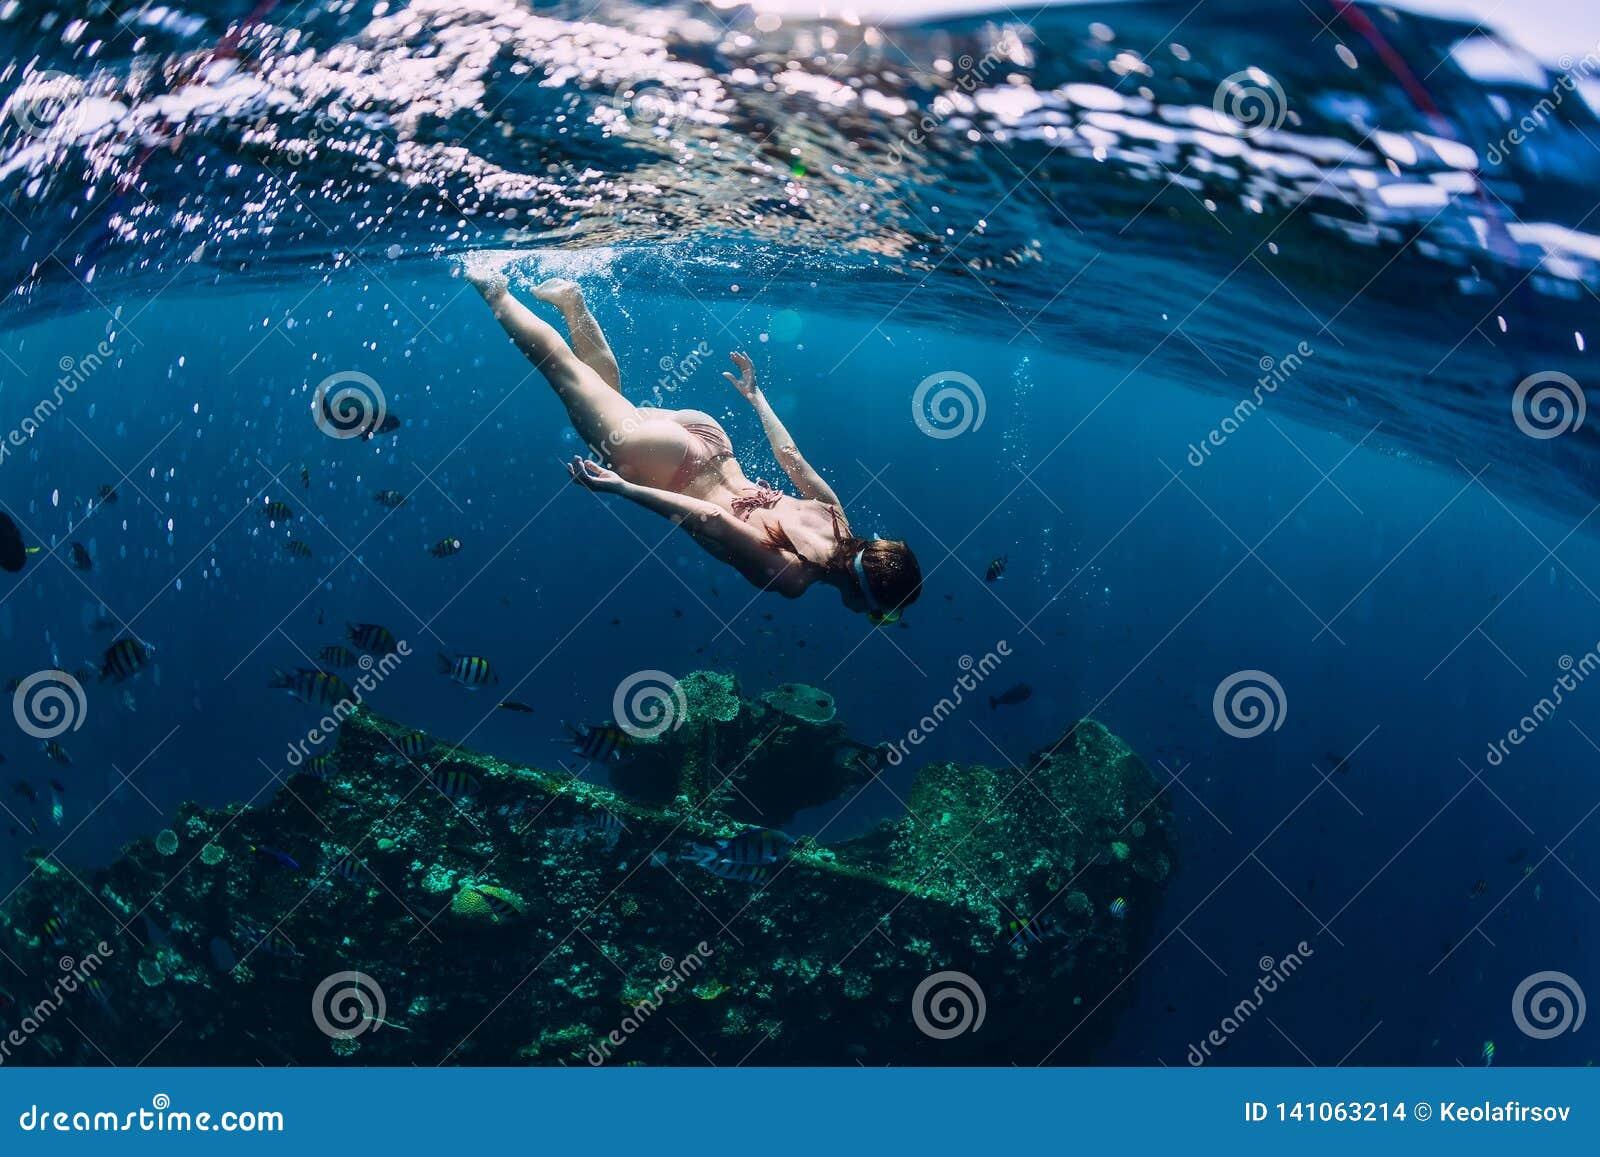 Woman freediver in bikini swin in tropical ocean at shipwreck